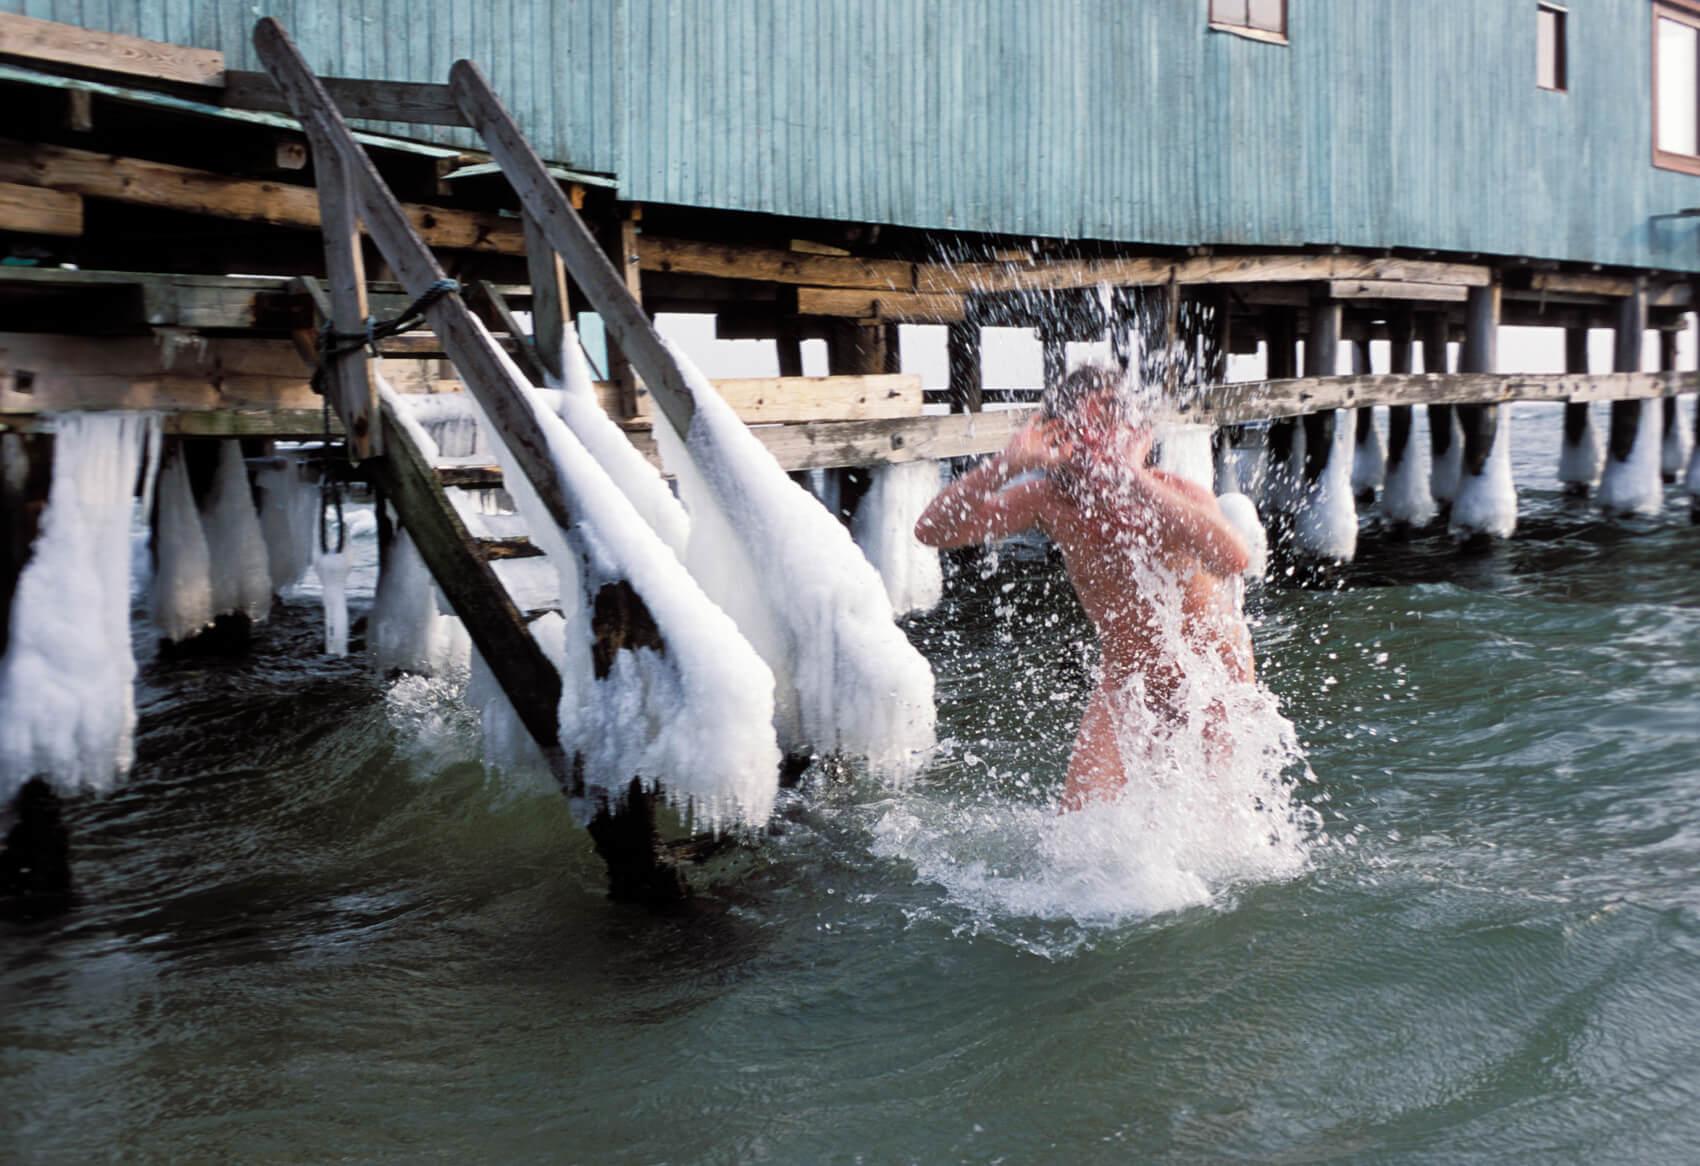 Turisthus Nord lancerer nu en storstilet kampagne for at få flere til at hoppe i bølgerne uden for sæsonen. (Foto: Jørgen Schytte/Turisthus Nord)